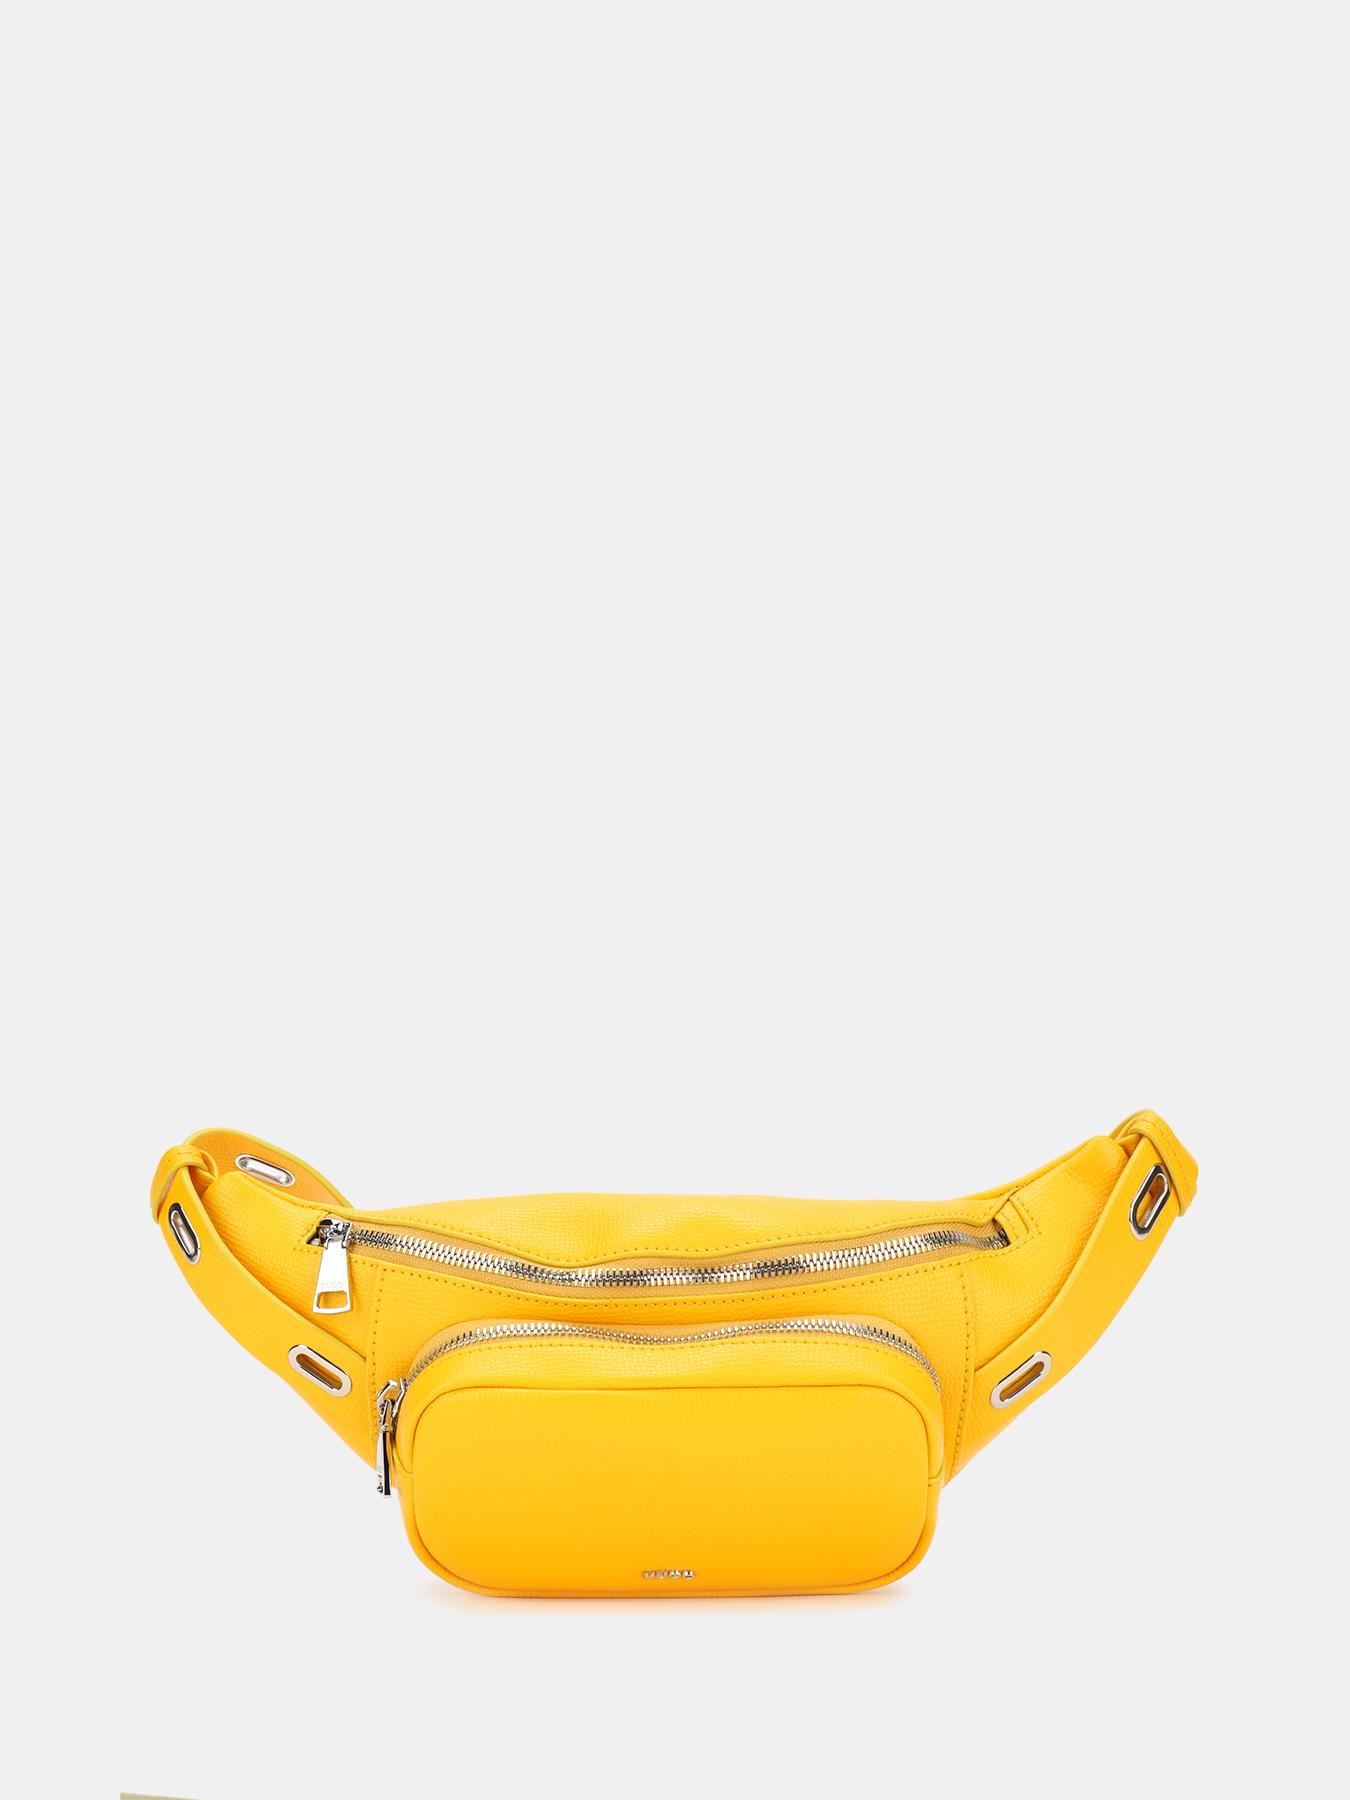 Поясные сумки HUGO Поясная сумка Kimley Bumbag сумка поясная red fox trail 2b цвет янтарь 1054089